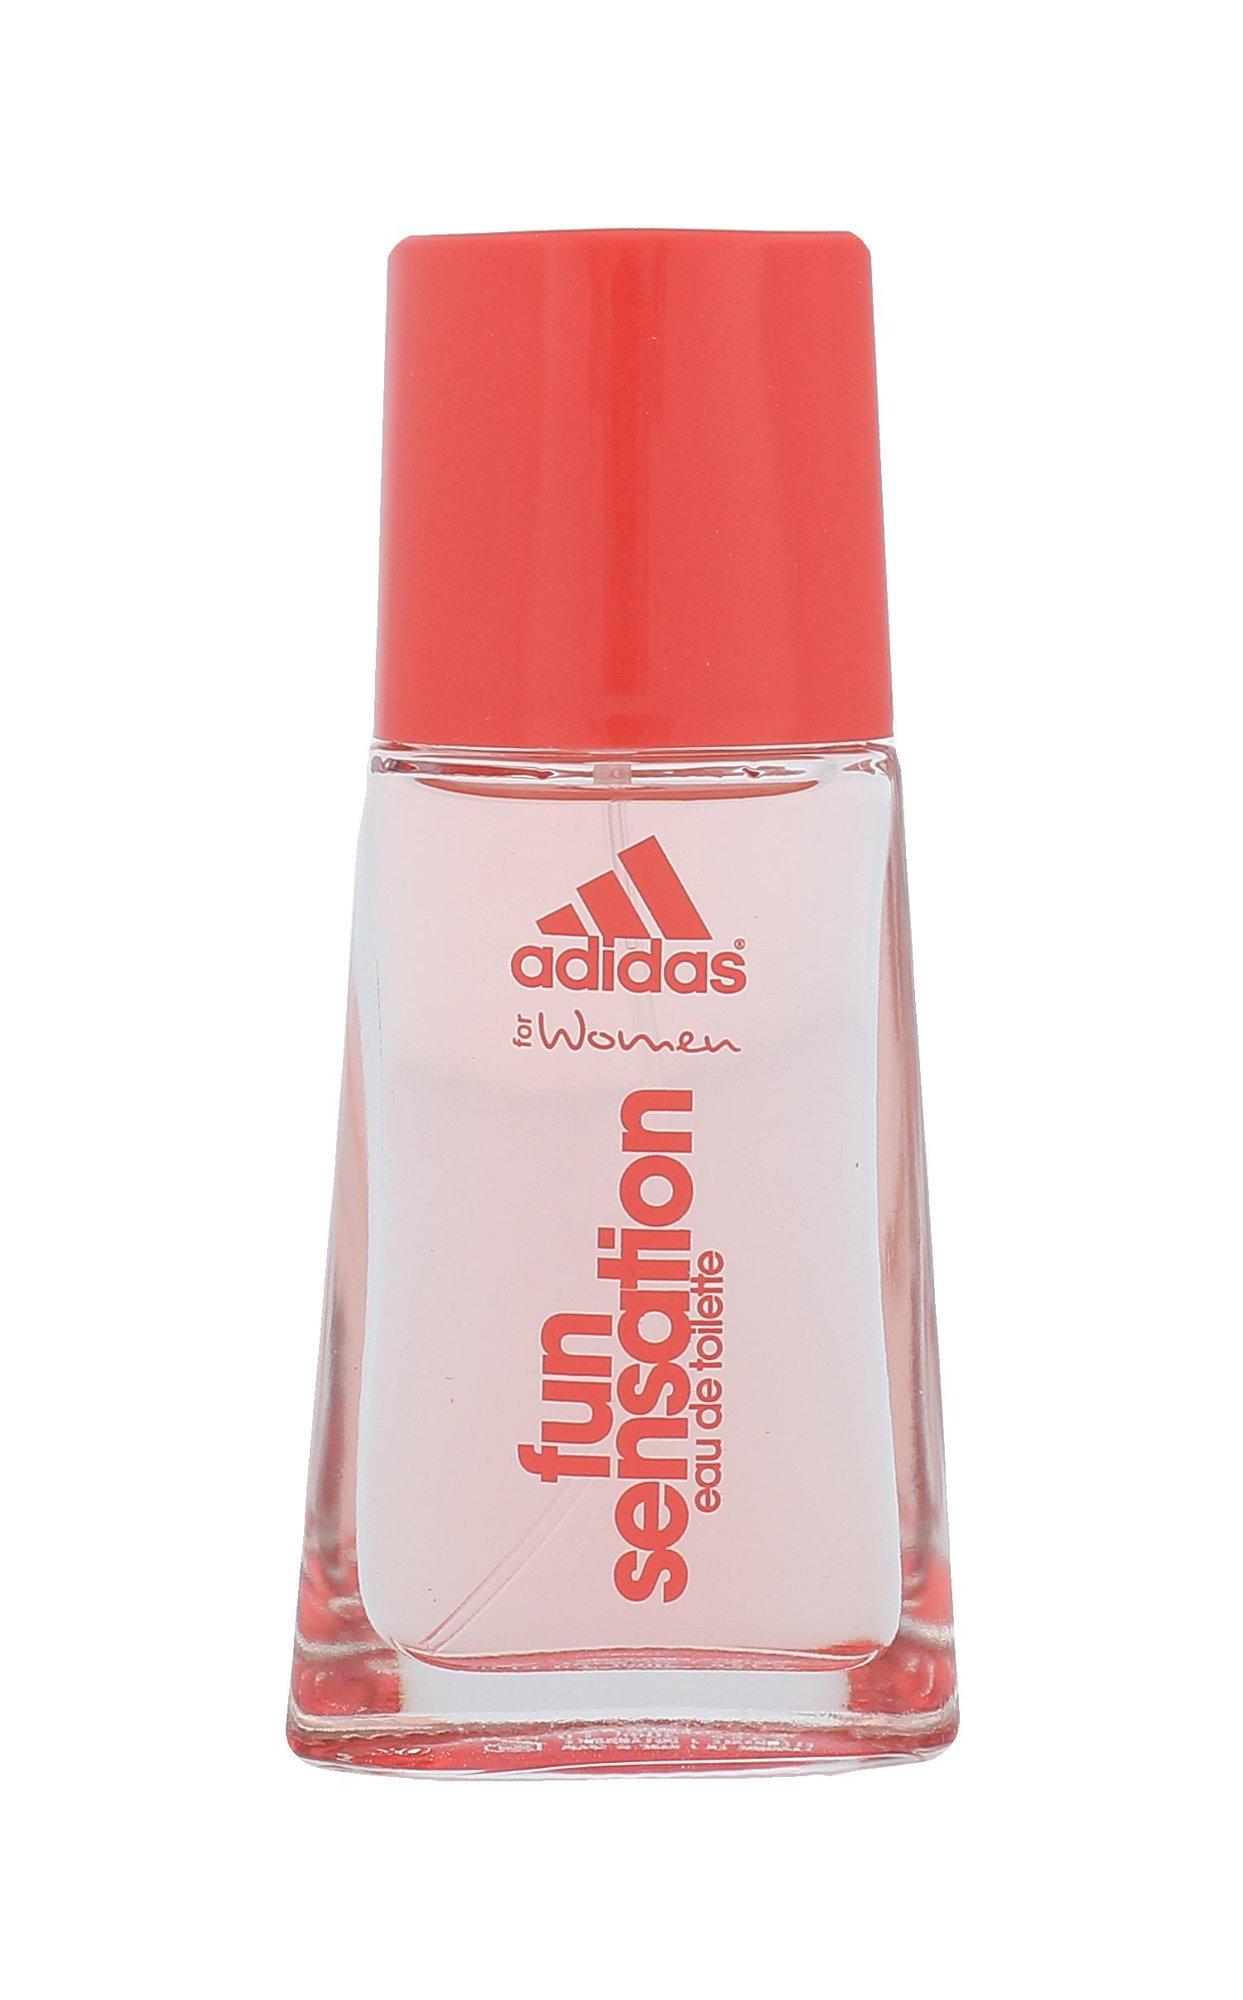 Adidas Fun Sensation For Women EDT 30ml